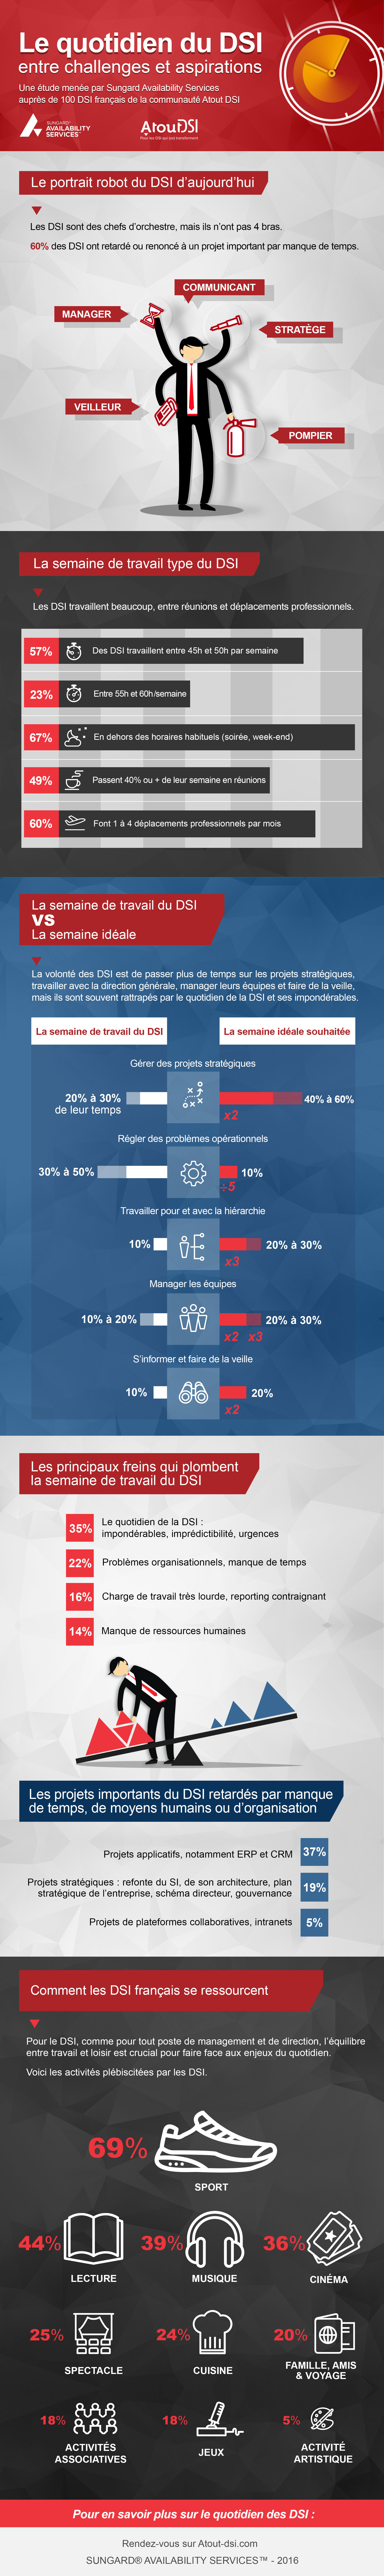 Infographie quotidien du DSI